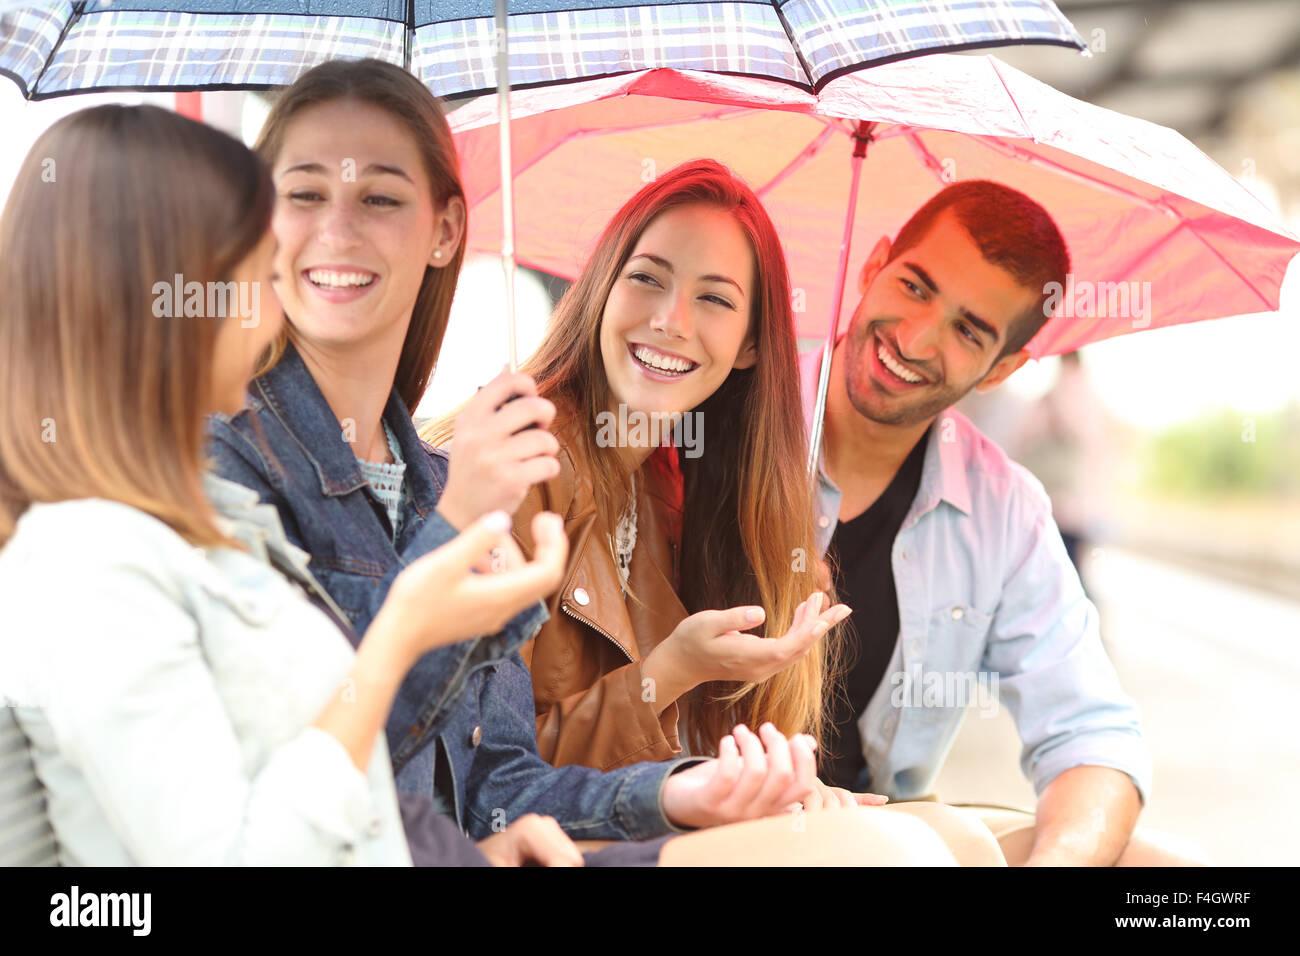 Quattro amici parlando all'aperto in un giorno di pioggia sotto gli ombrelloni in attesa in una stazione ferroviaria Immagini Stock